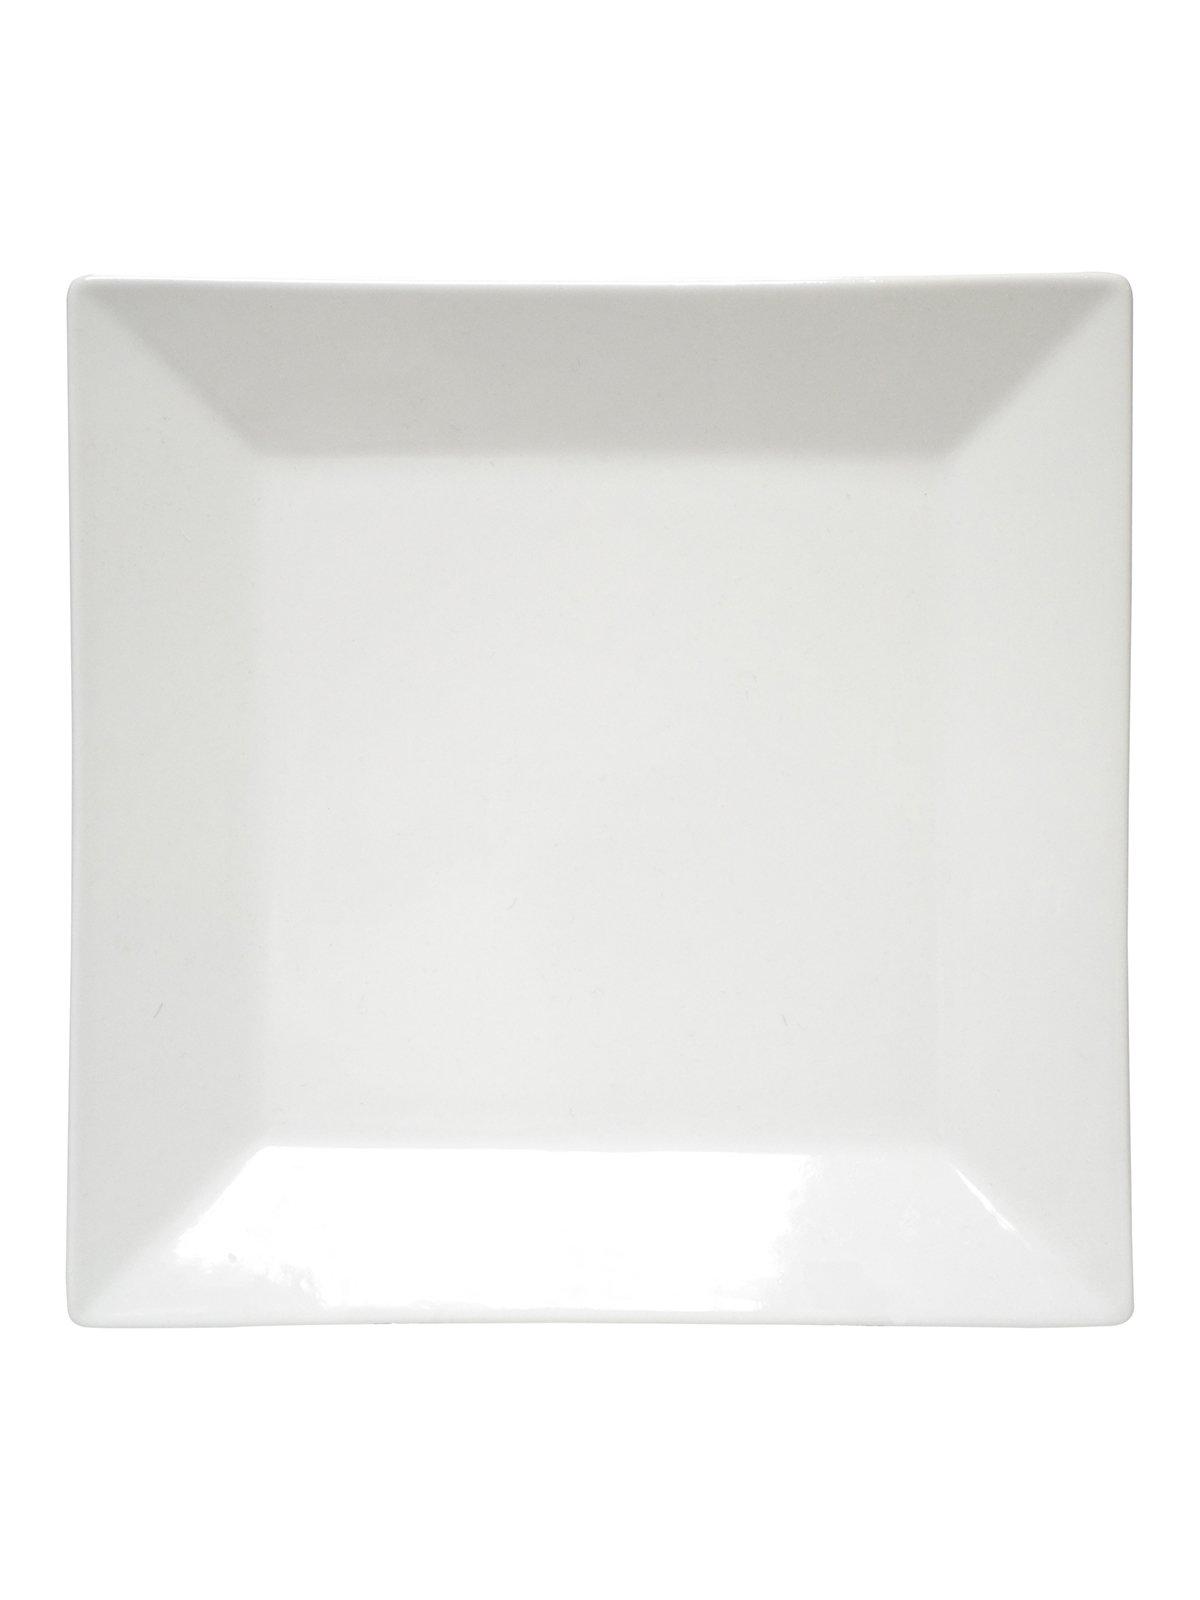 Тарілка мілка квадратна (21,5х21,5 см) | 2898554